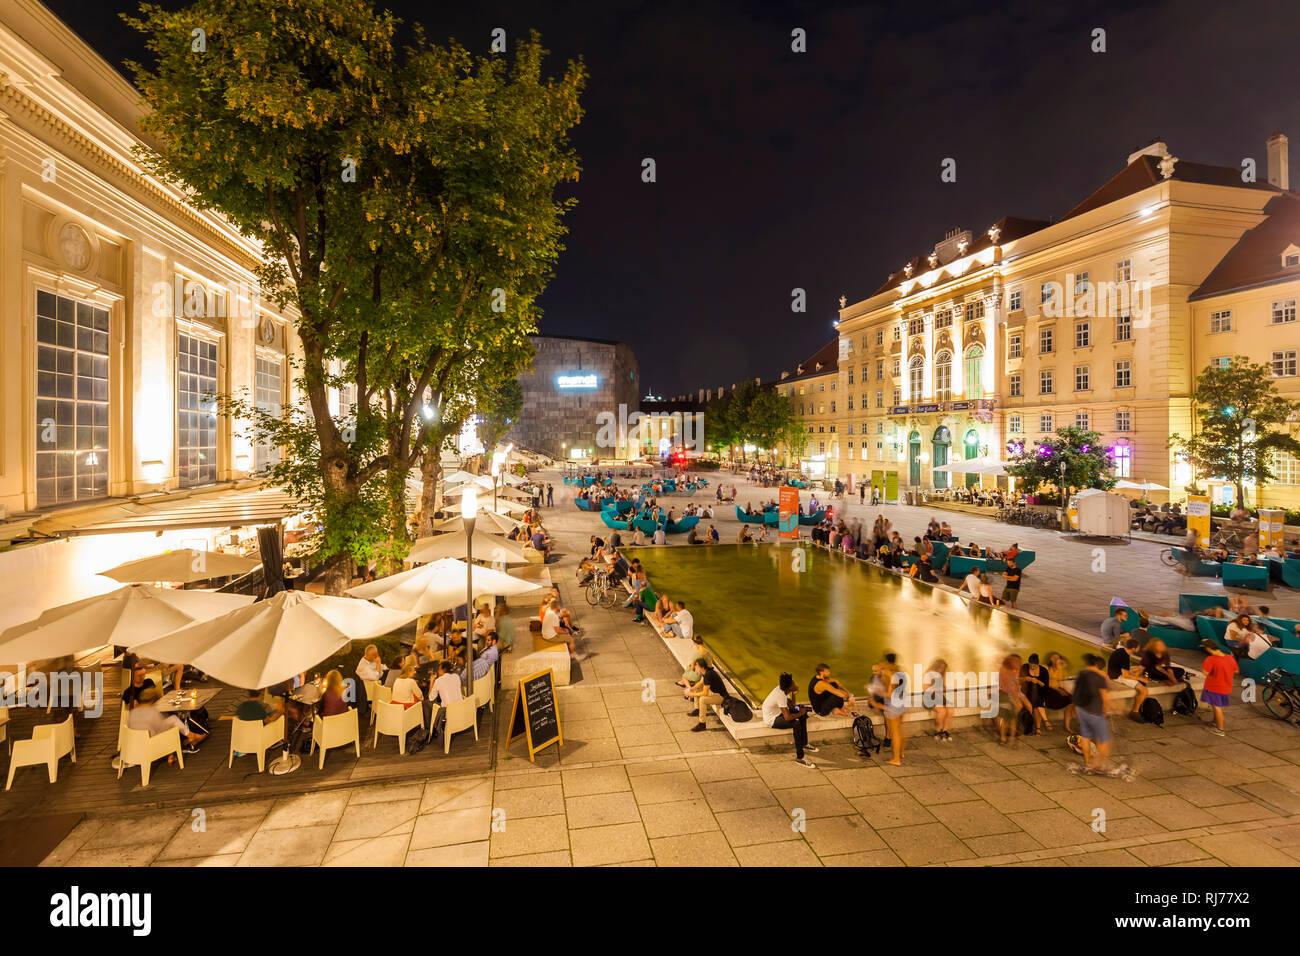 Österreich, Wien, Museumsquartier, MQ, Innenhof, verschiedene Museen, Mumok, Museum Moderner Kunst, Restaurants, Kneipen, Nachtleben - Stock Image